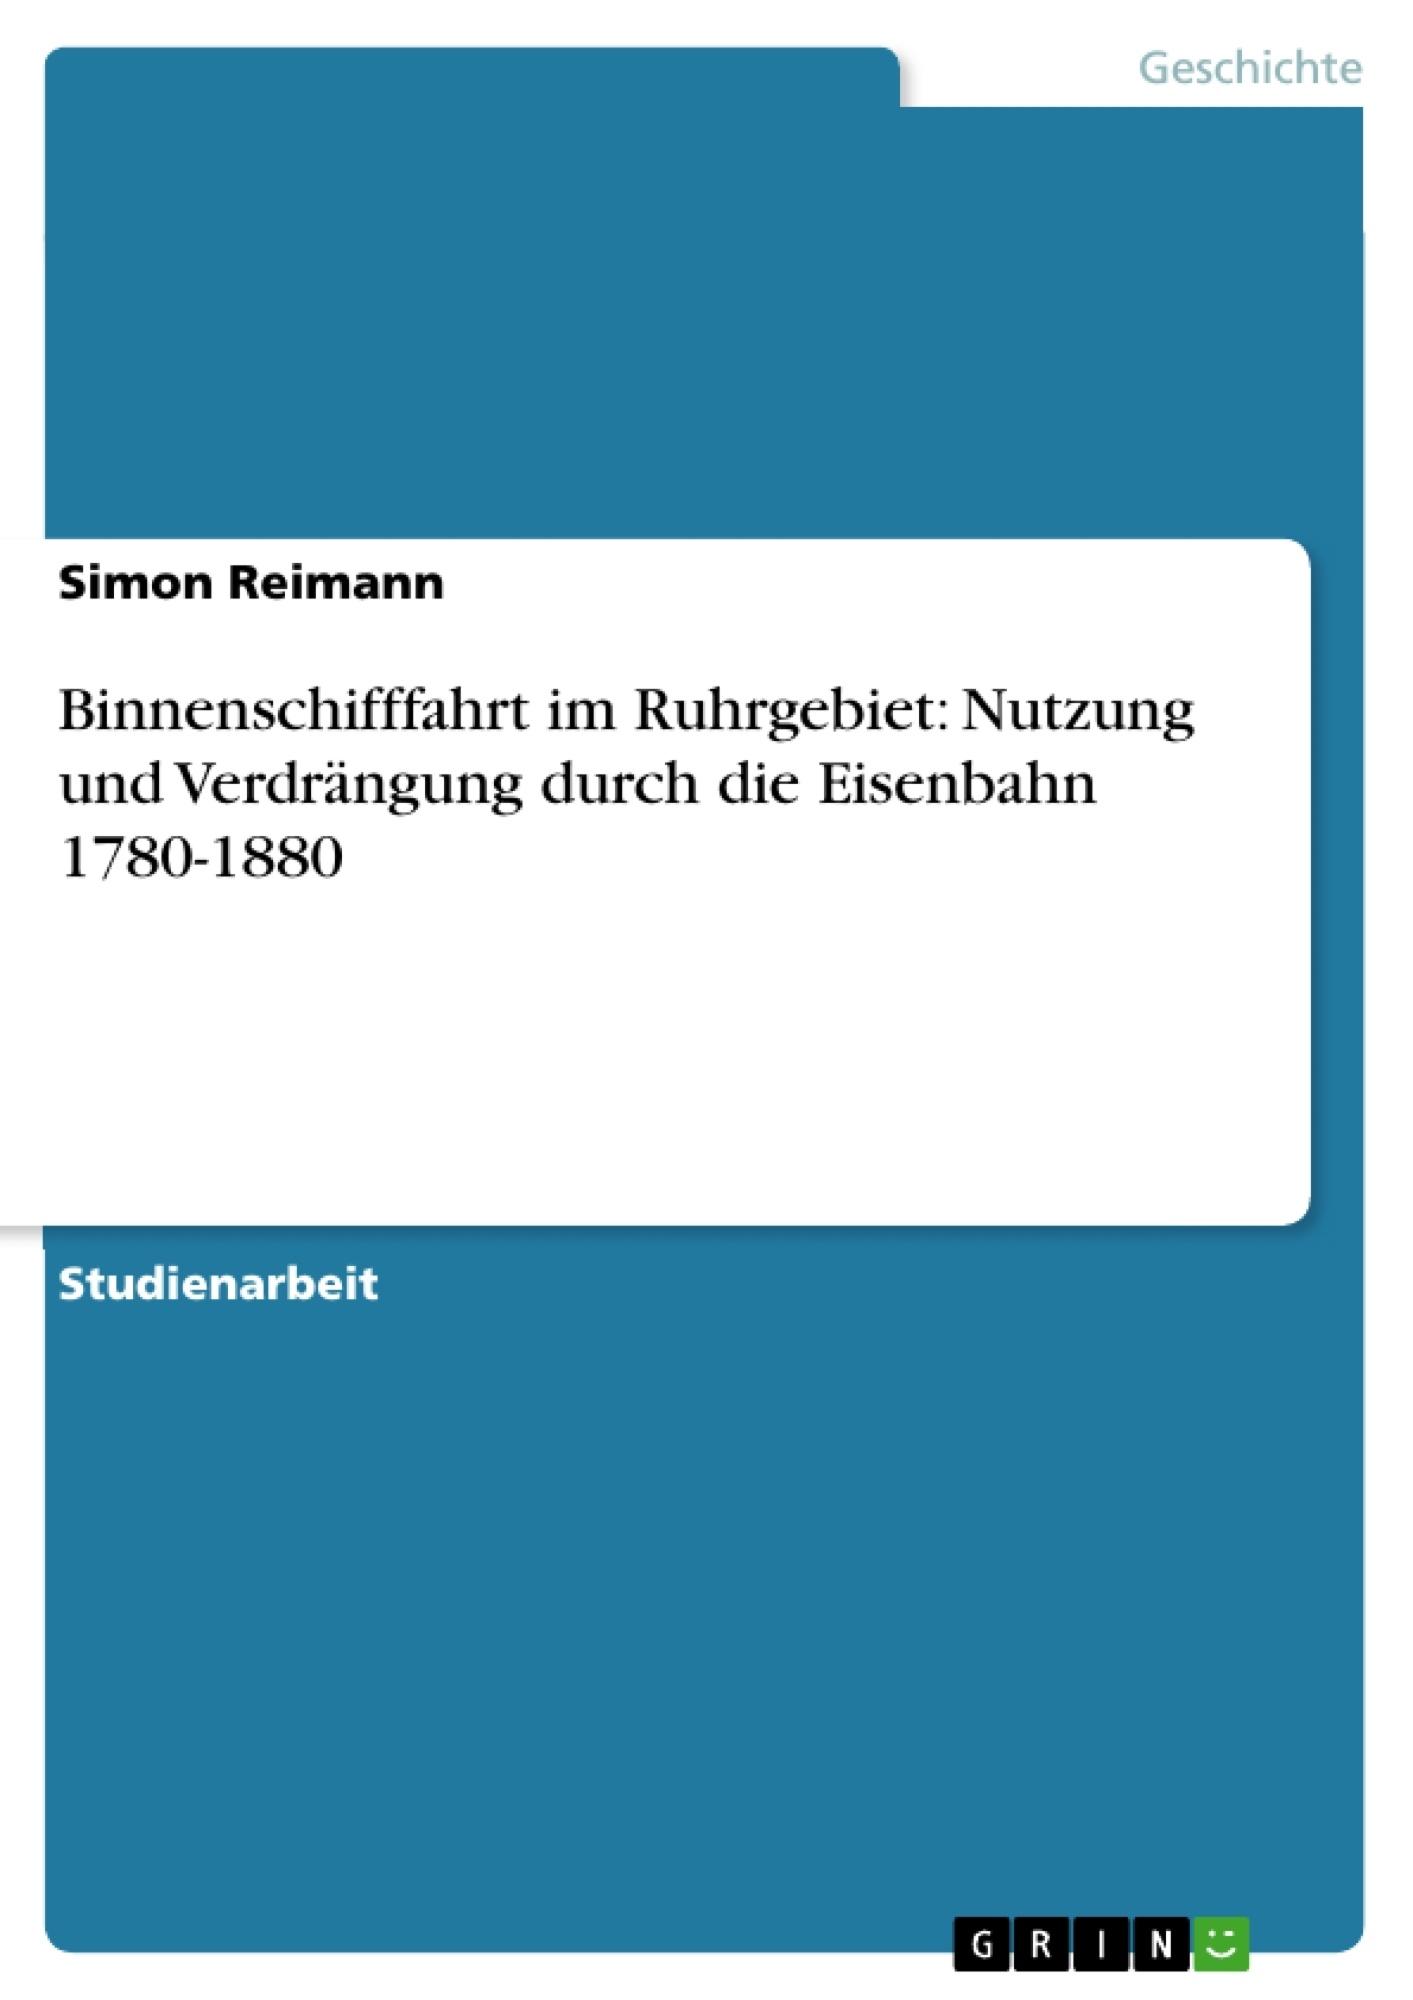 Titel: Binnenschifffahrt im Ruhrgebiet: Nutzung und Verdrängung durch die Eisenbahn 1780-1880